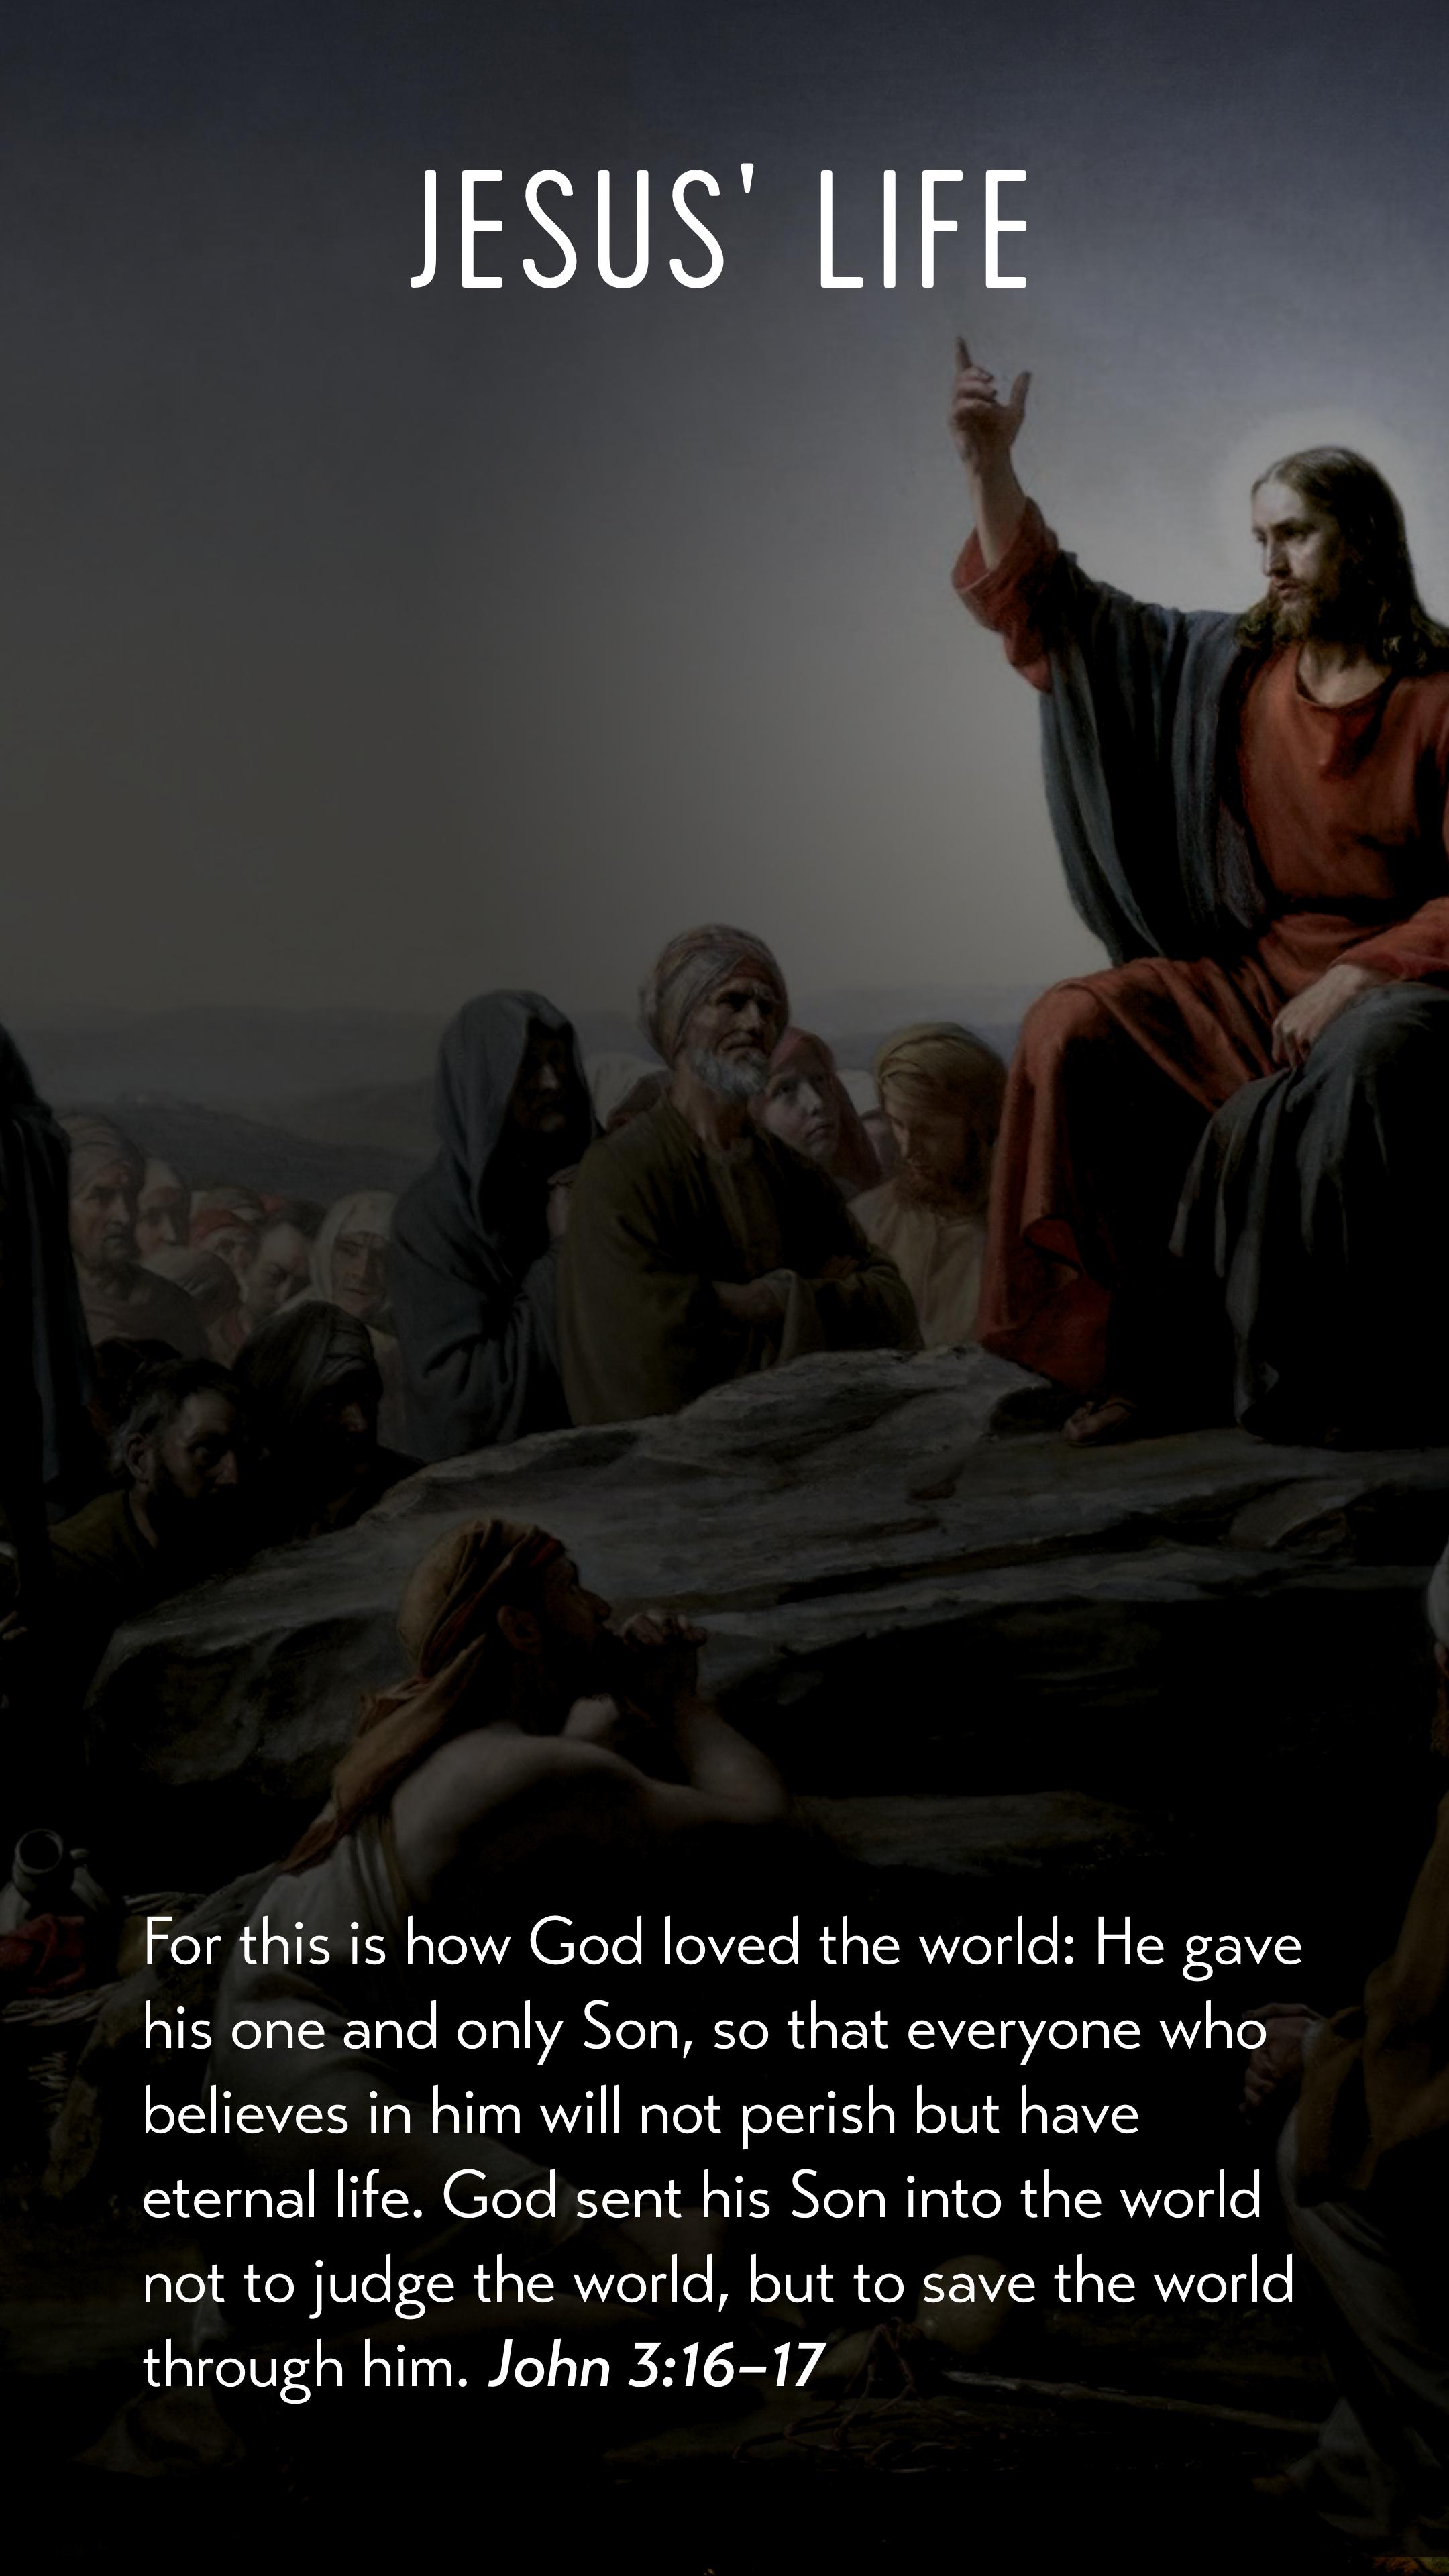 4 Jesus' Life.jpg